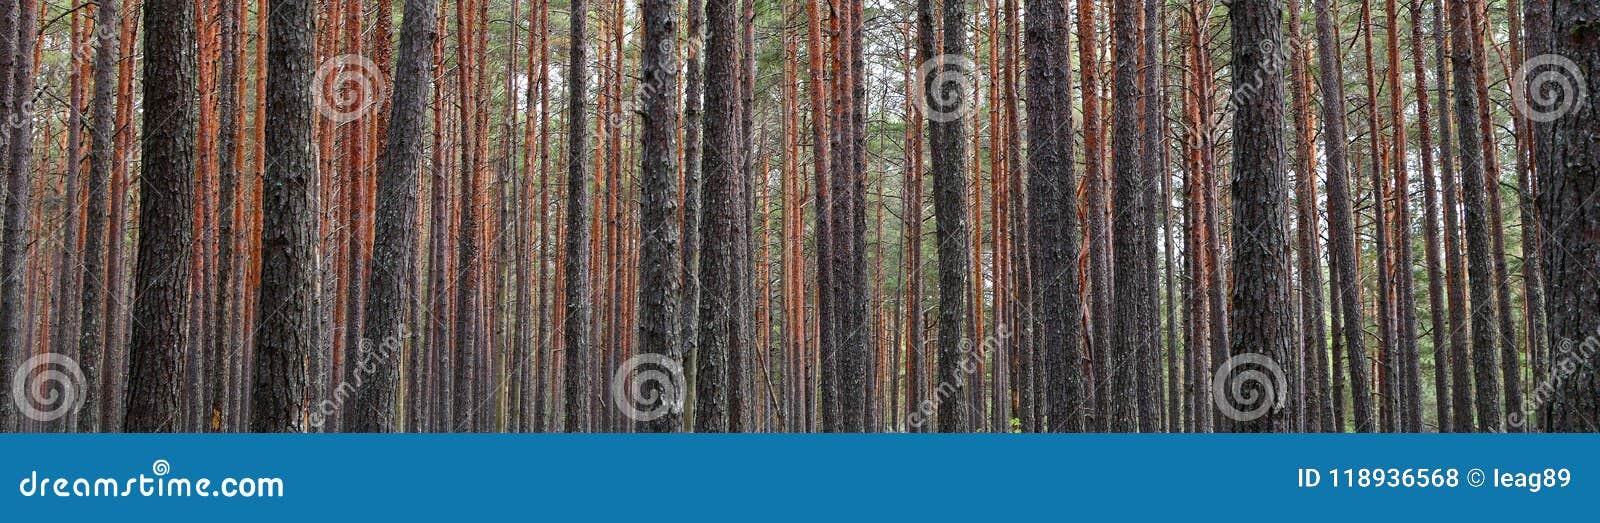 Tronchi dell albero forestale di abetaia